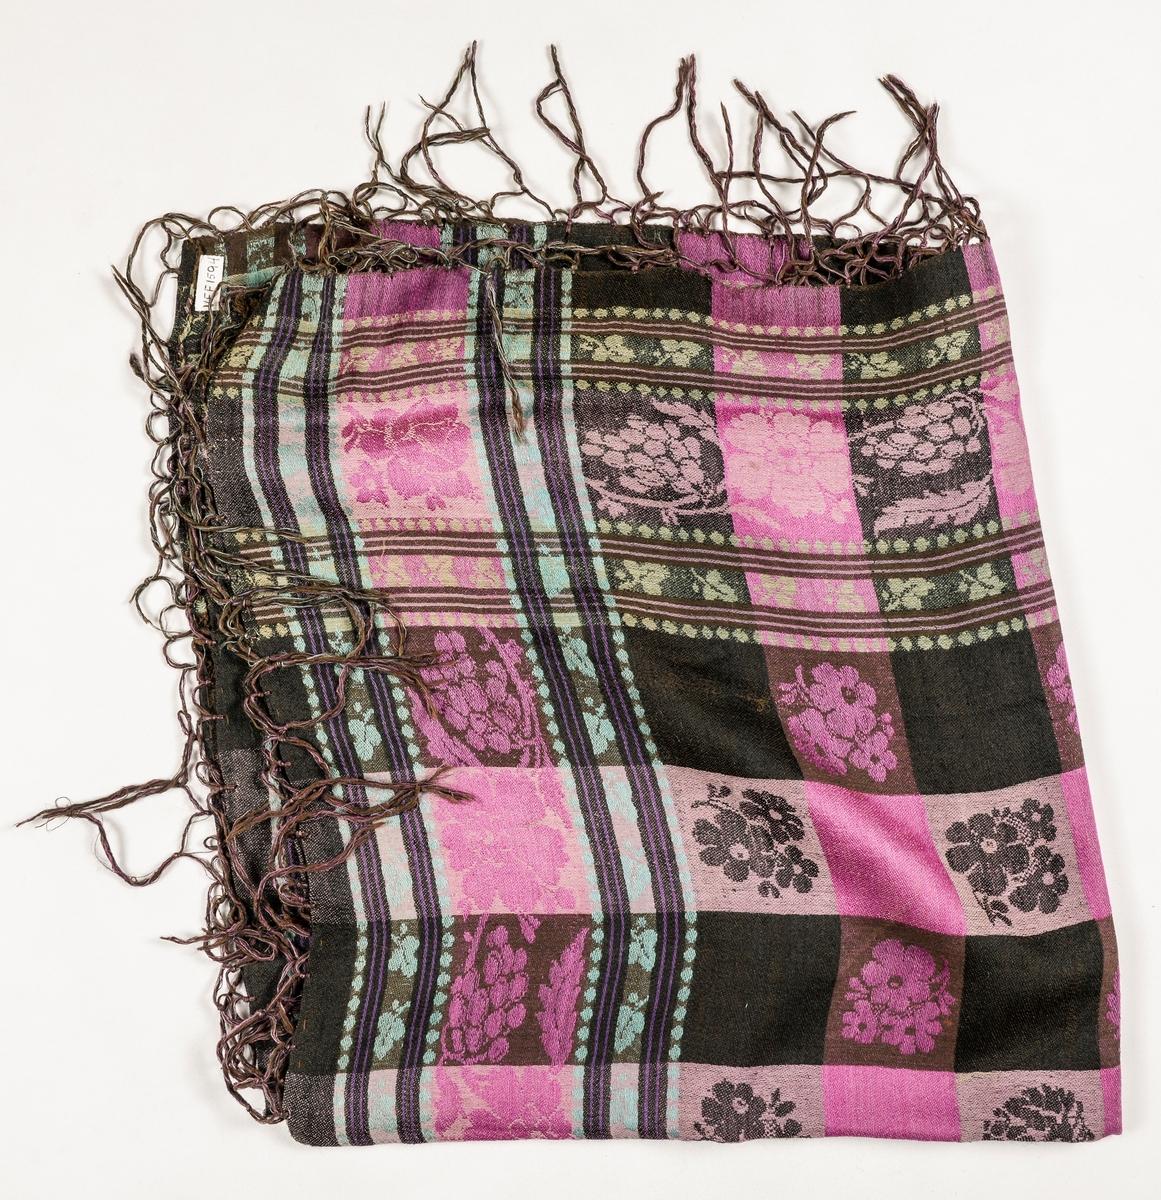 Tørkle i damask, bomull i renning og ull i innslag. Brunt i botn med ruter i rosa, grønt, fiolett og turkis. Falda (tråkla) på to sider, jarekant i dei to andre. Påsydde og knytta frynser i rosa og brunt.